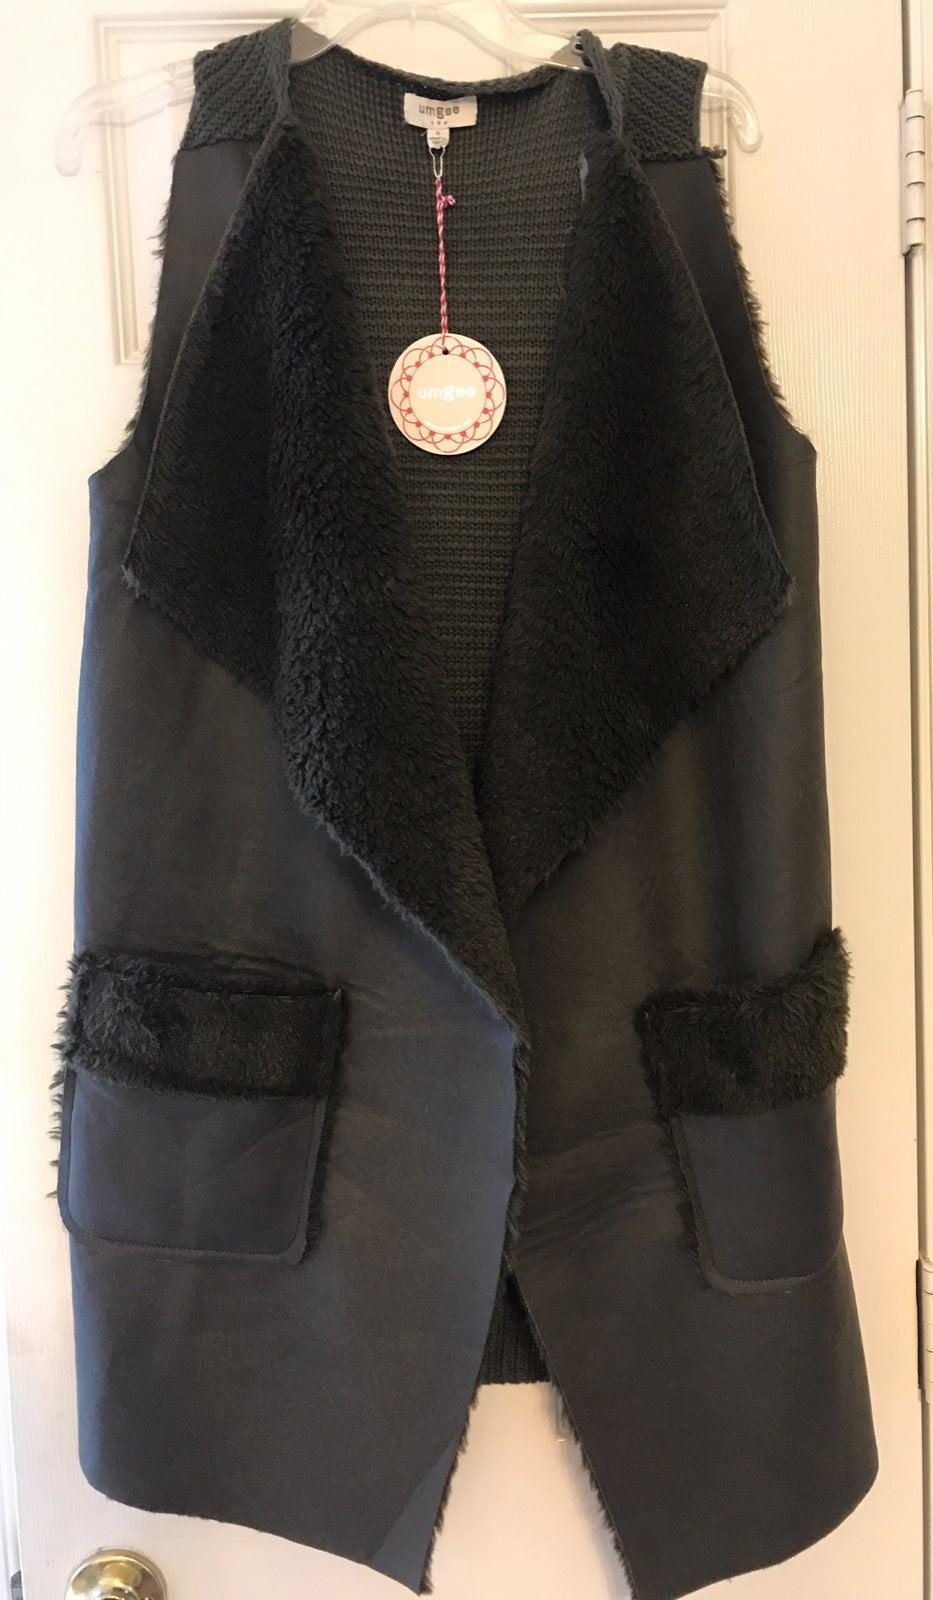 NWT Umgee Vest